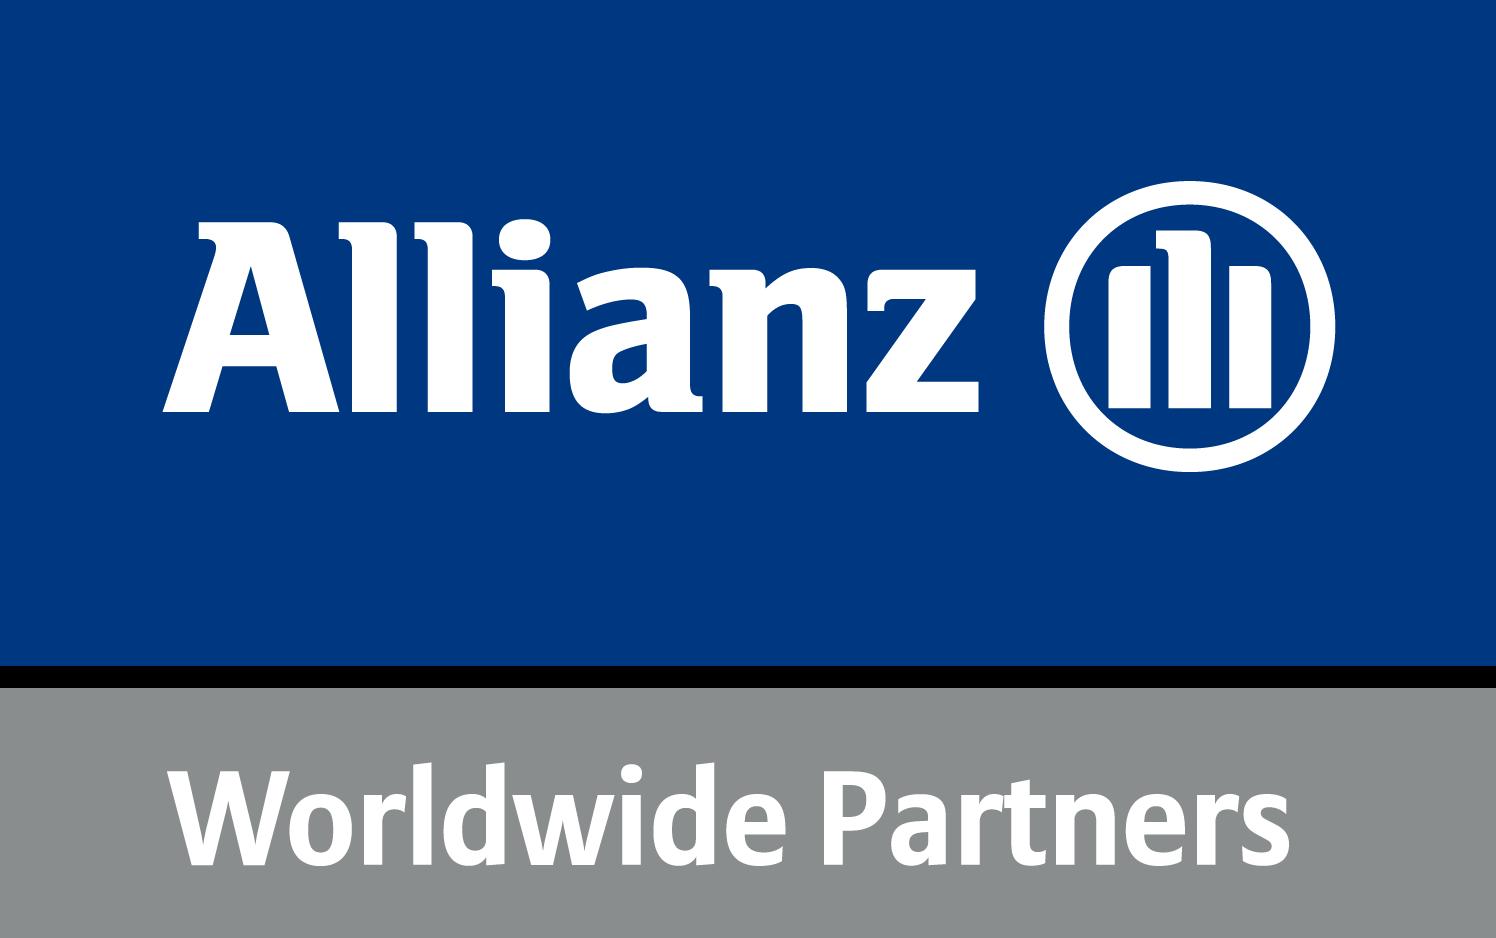 Страховая компания Allianz тестирует внутреннюю цифровую монету